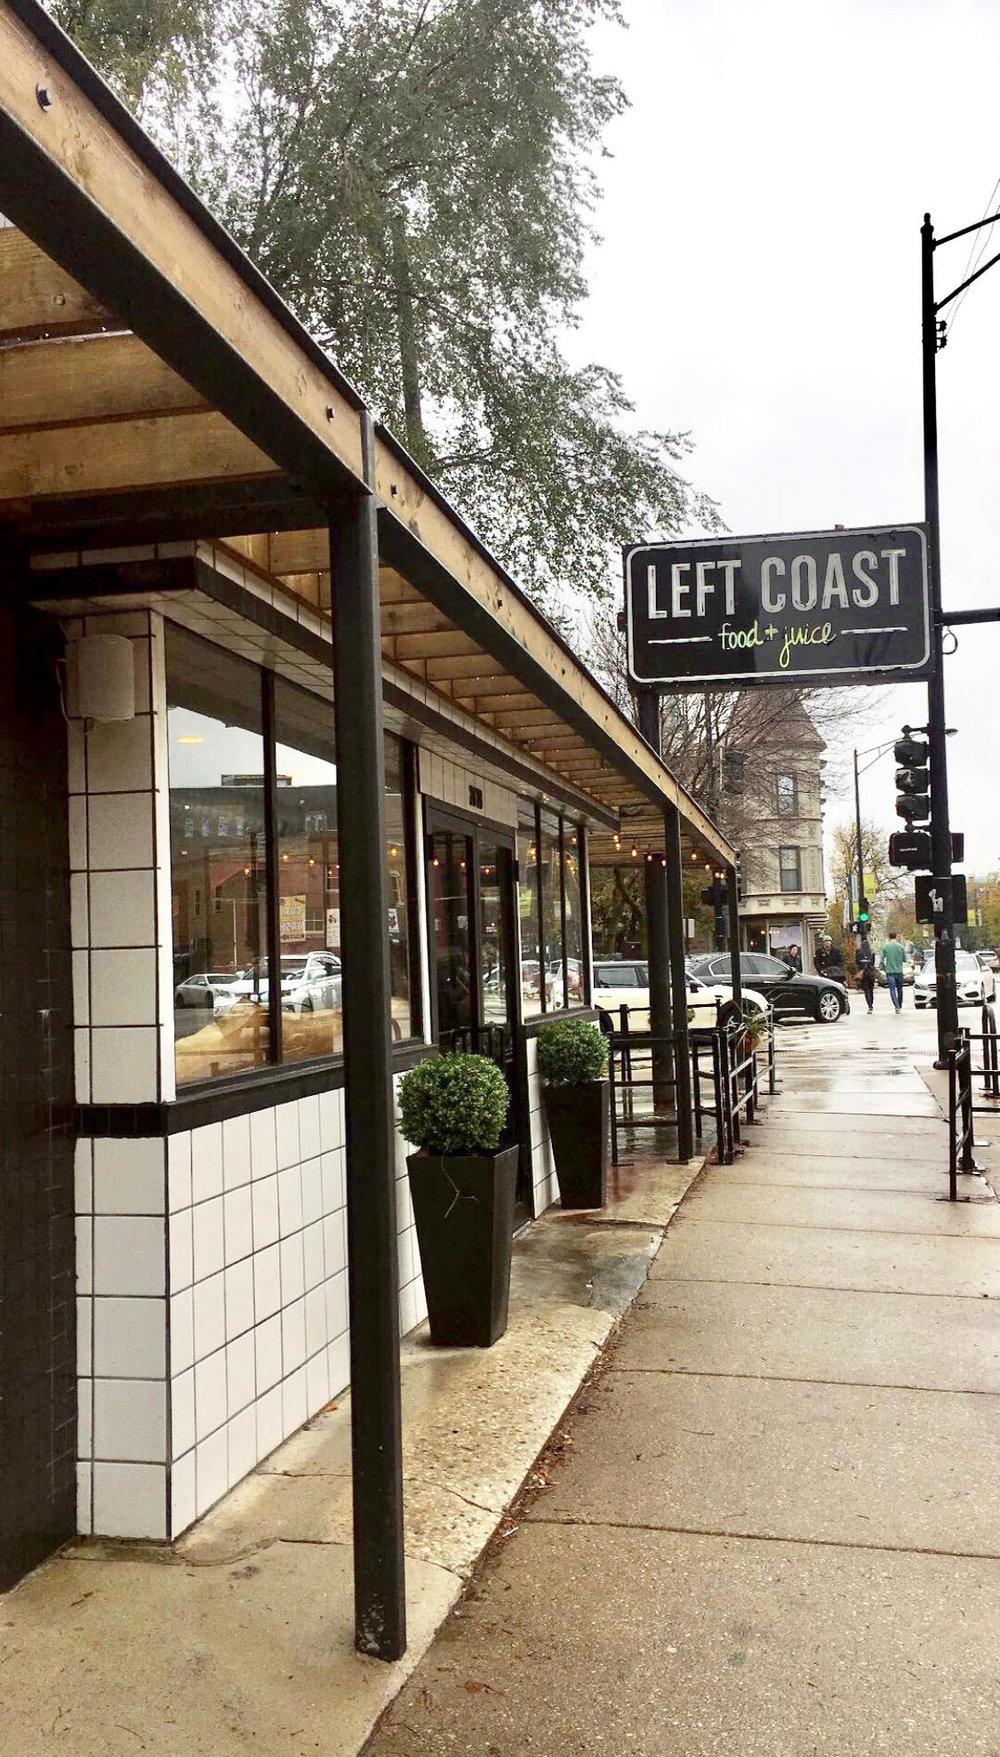 left coast #4.jpg